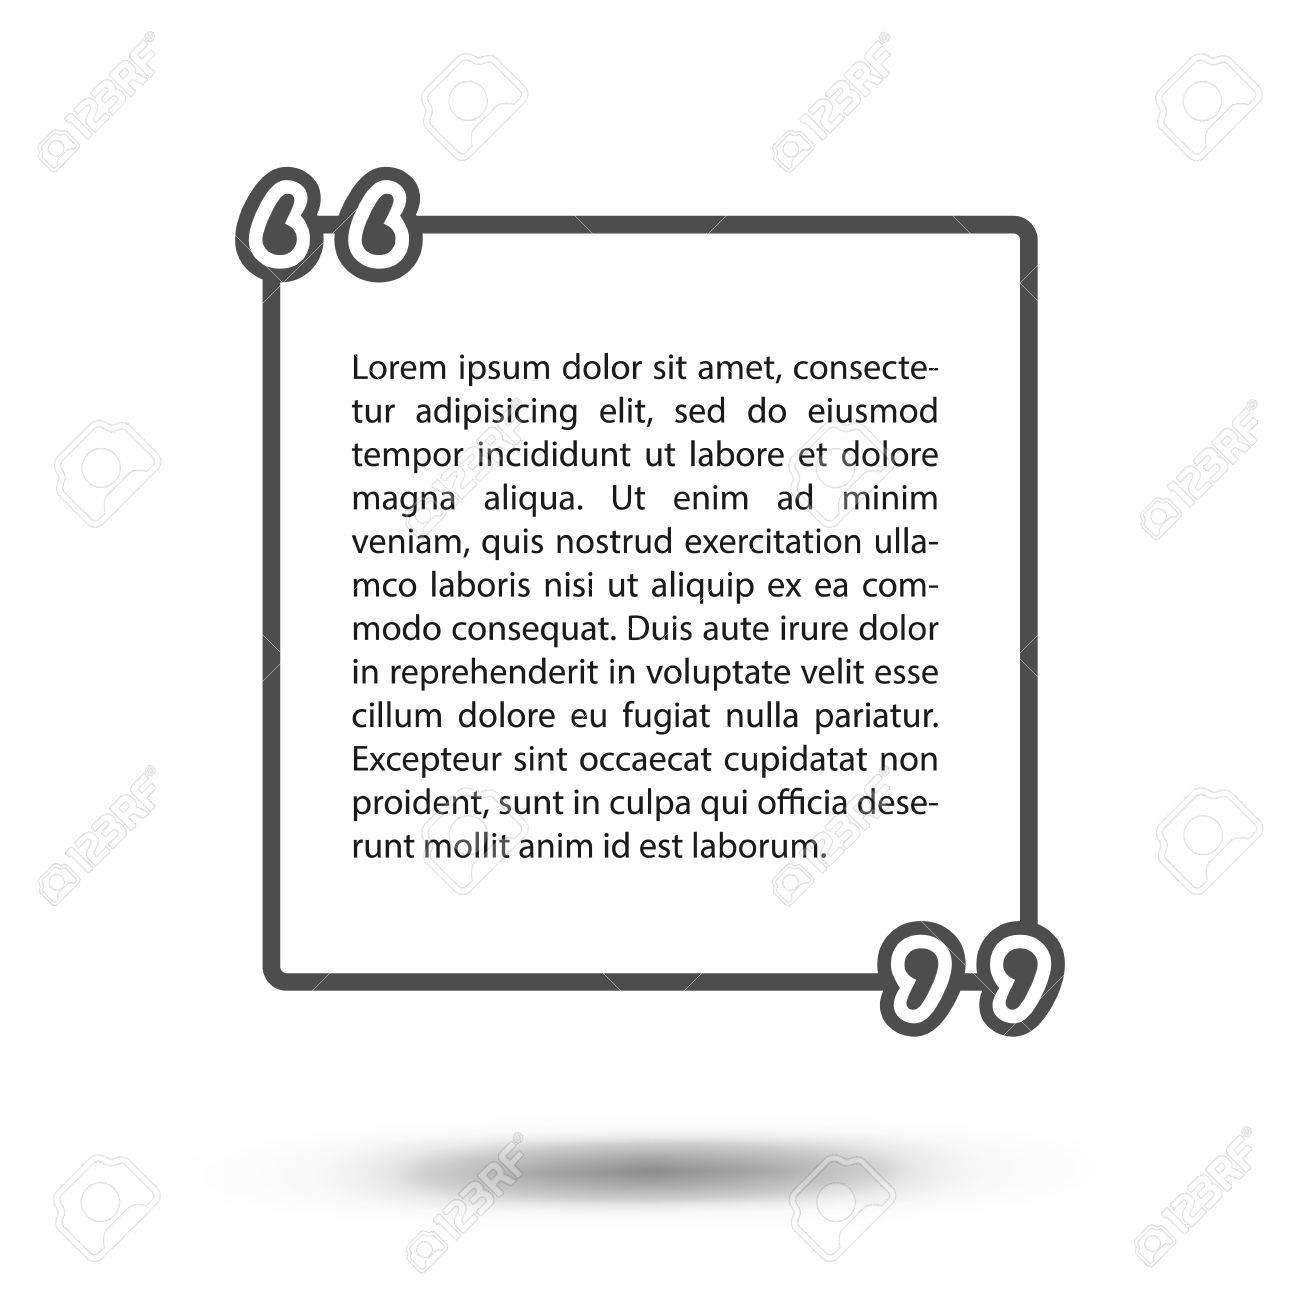 Business card sheet template gidiyedformapolitica business card sheet template cheaphphosting Images